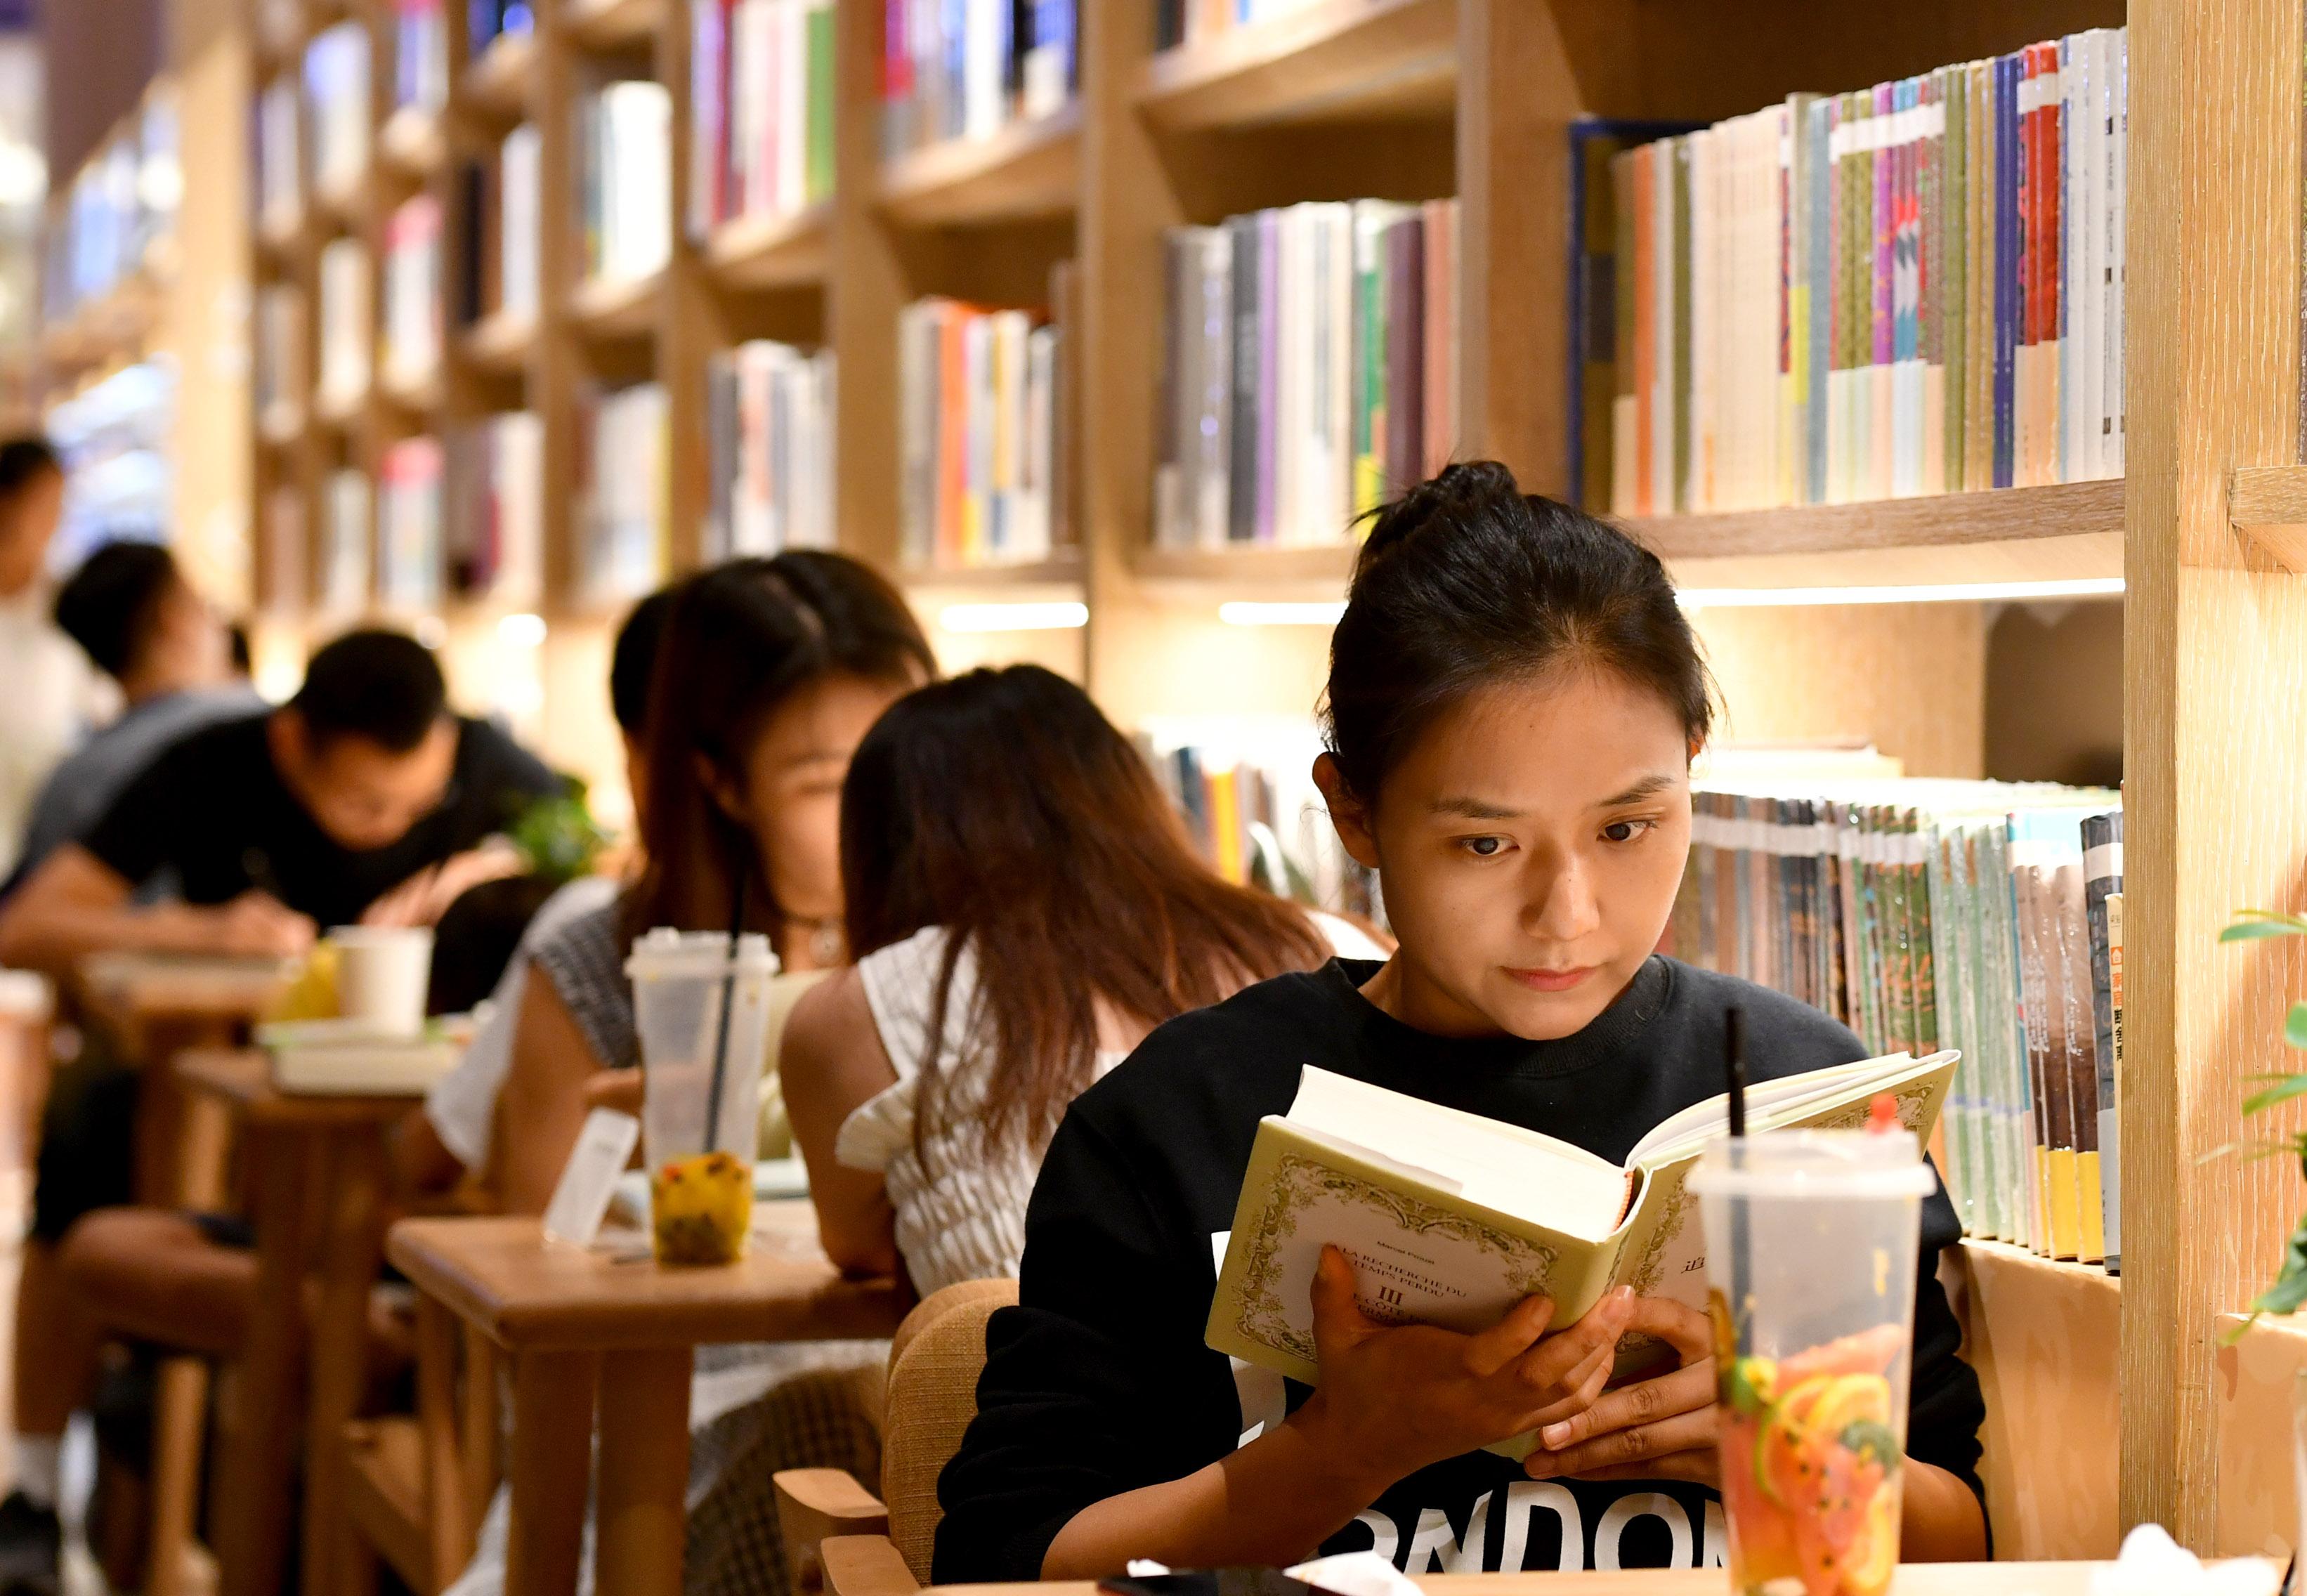 辰林教育:4年盈利翻倍的老牌正规民办教育机构